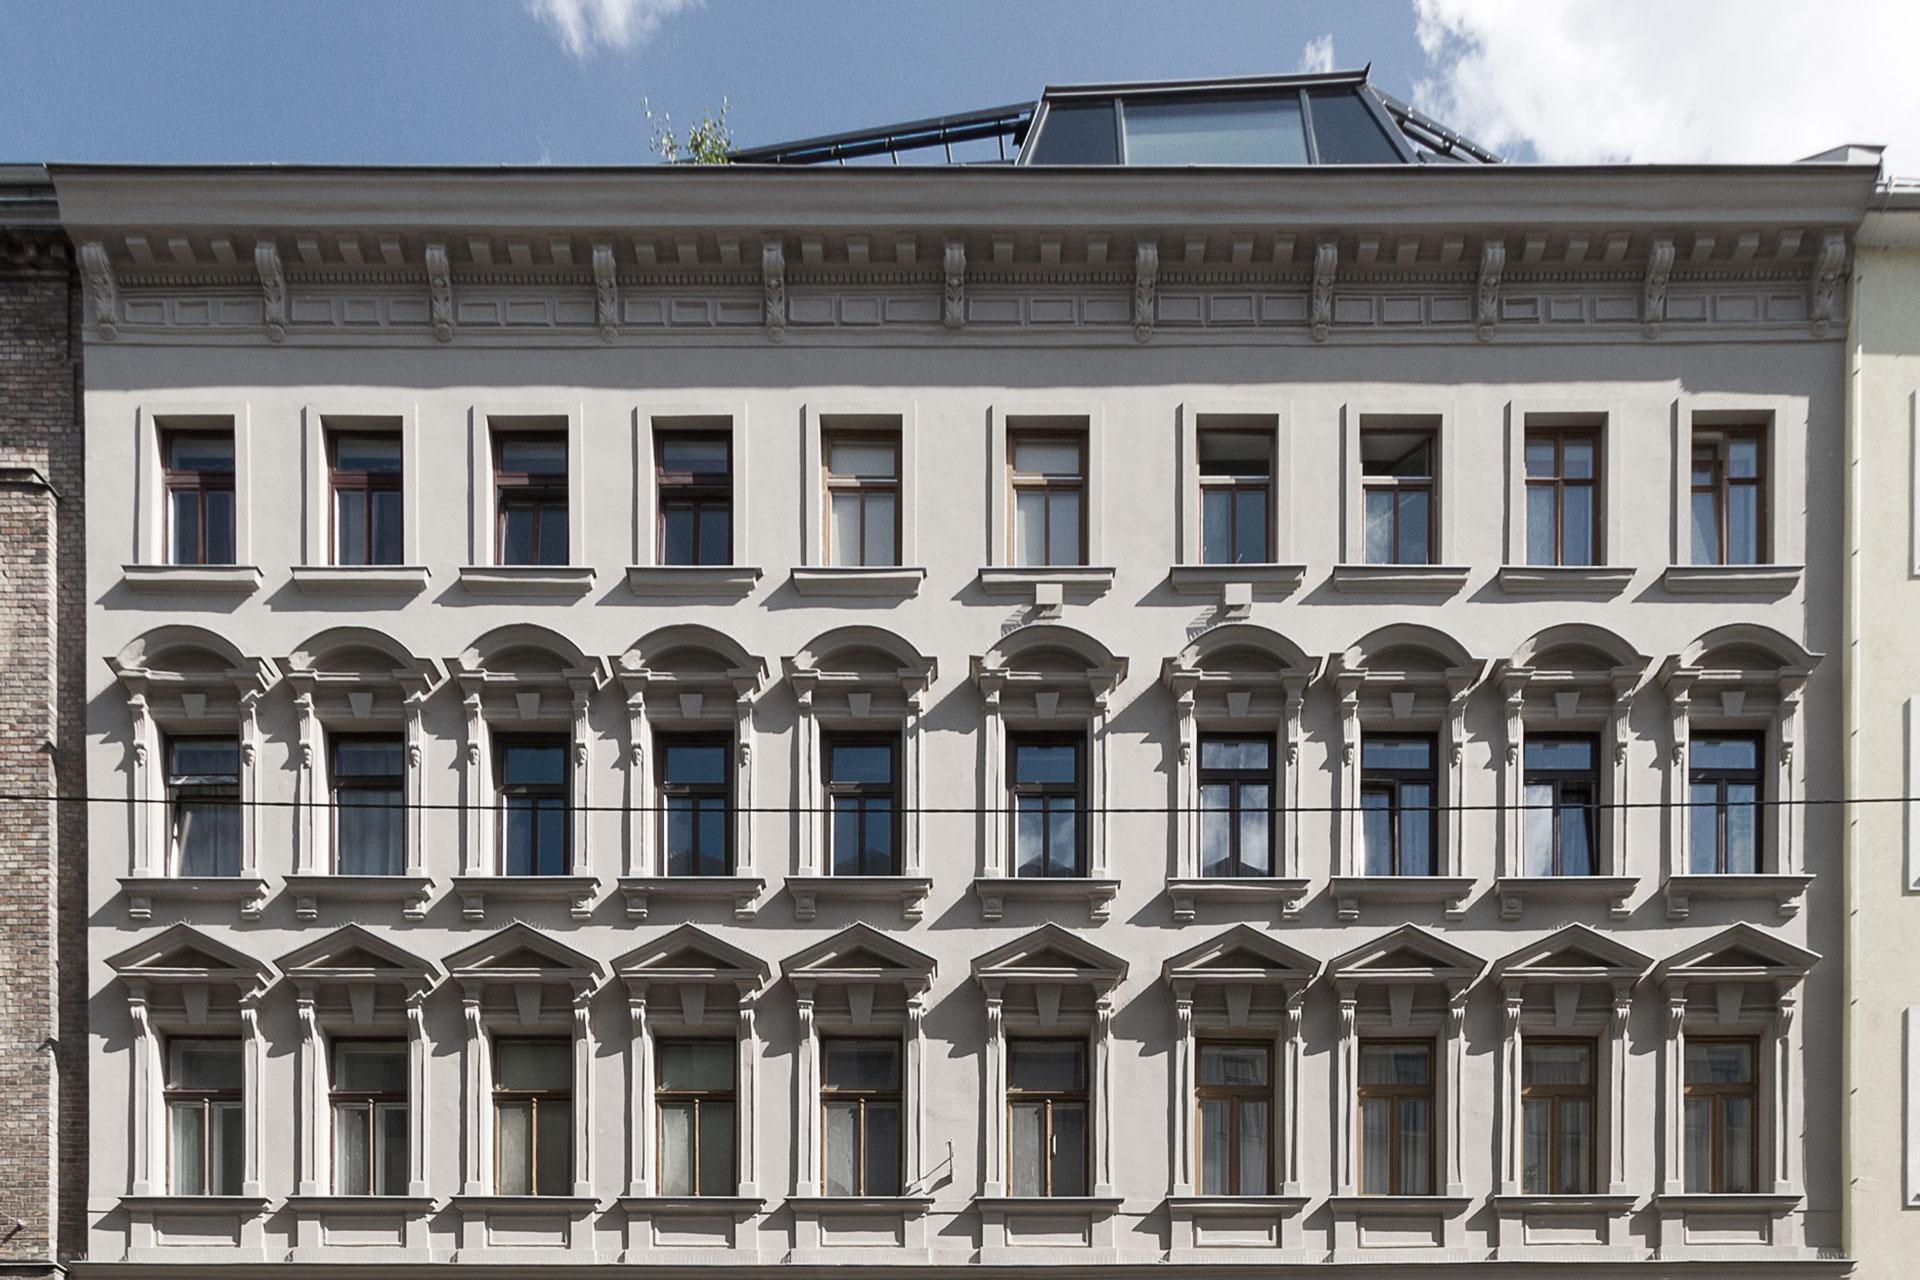 AVEST - Immobilie Arbeitergasse, 1050 Wien, Außenaufnahmen der Fassade